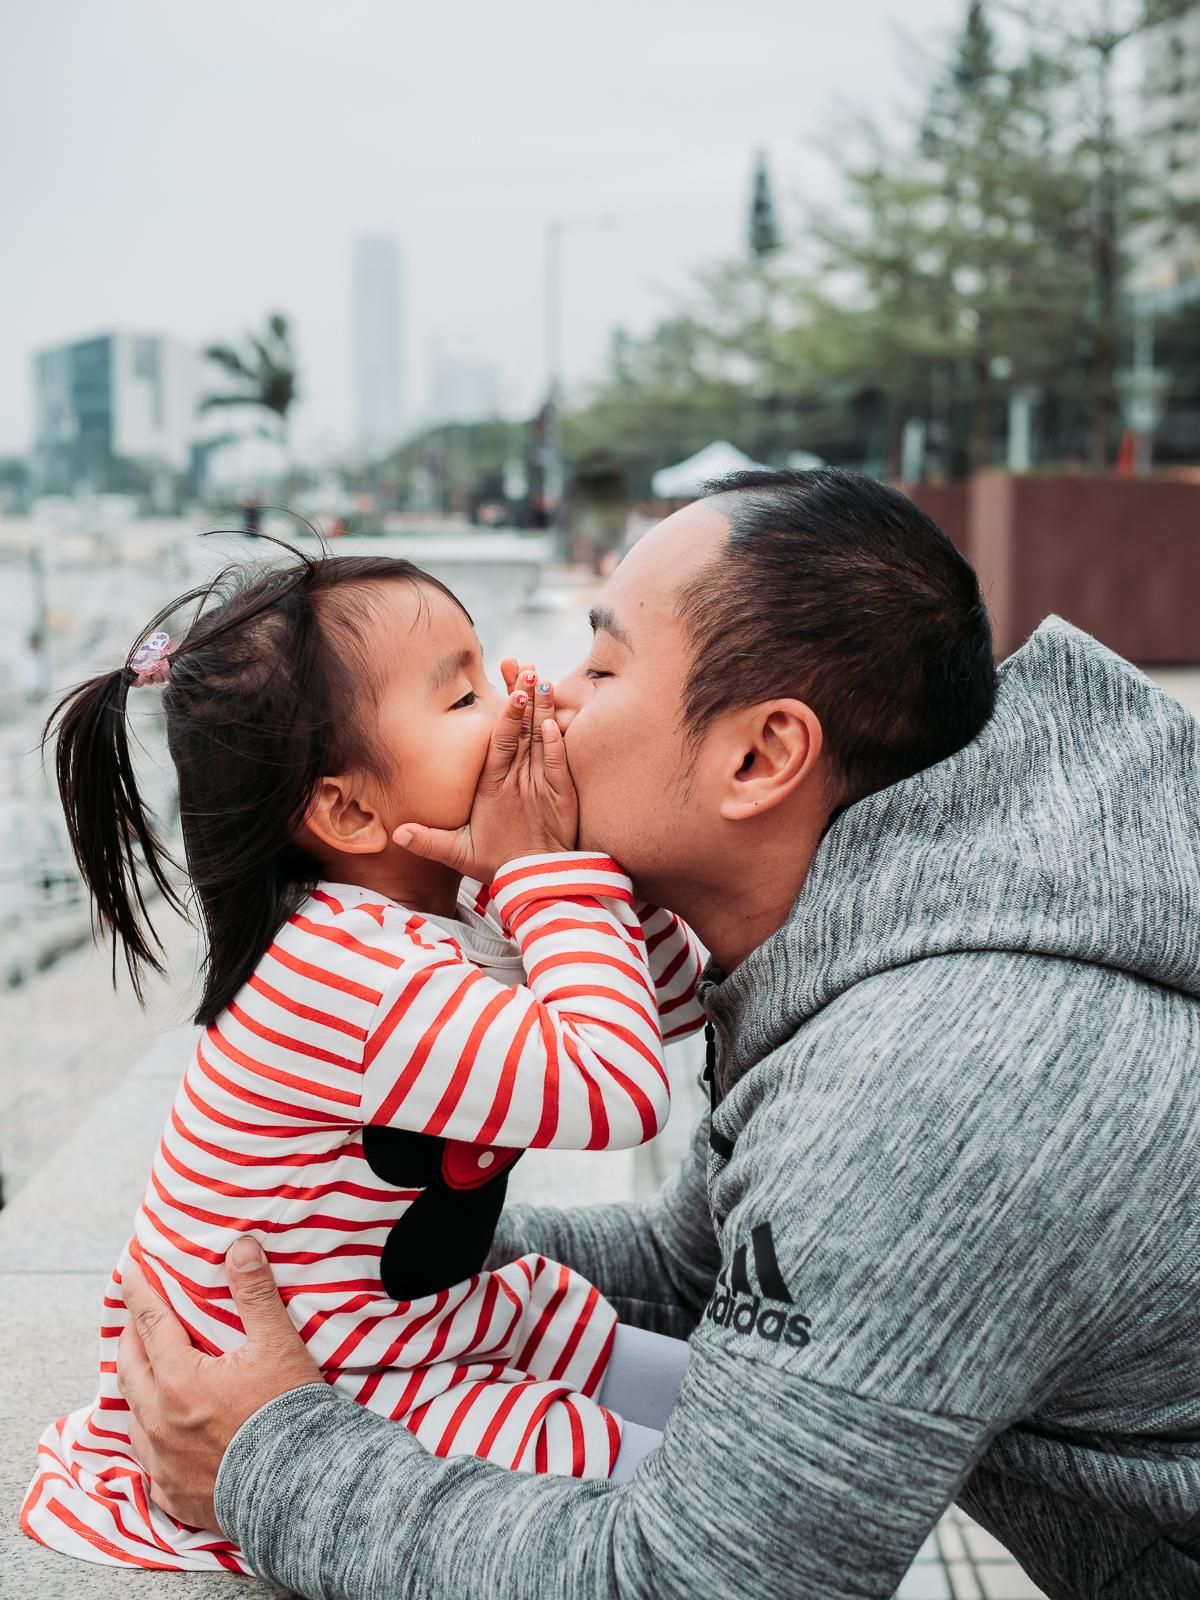 CWKOON Macau Family Portrait - Olympus EM1 Markii 2512 - Yes! Please Enjoy by Fanning Tseng-50.jpg